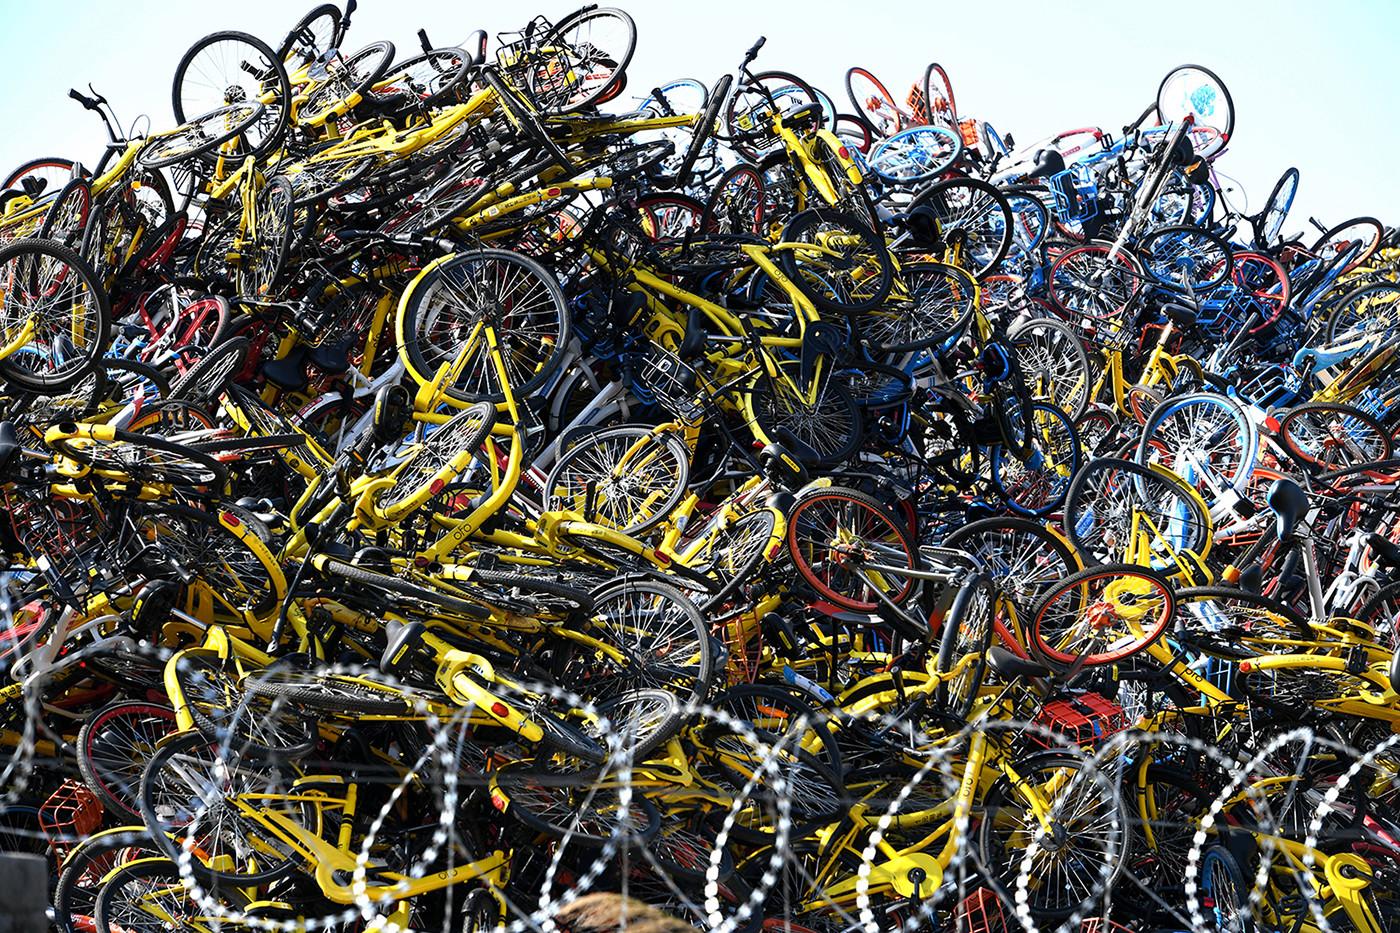 Nghĩa địa xe đạp: Minh chứng cho một chính sách thất bại của Trung Quốc - Ảnh 1.